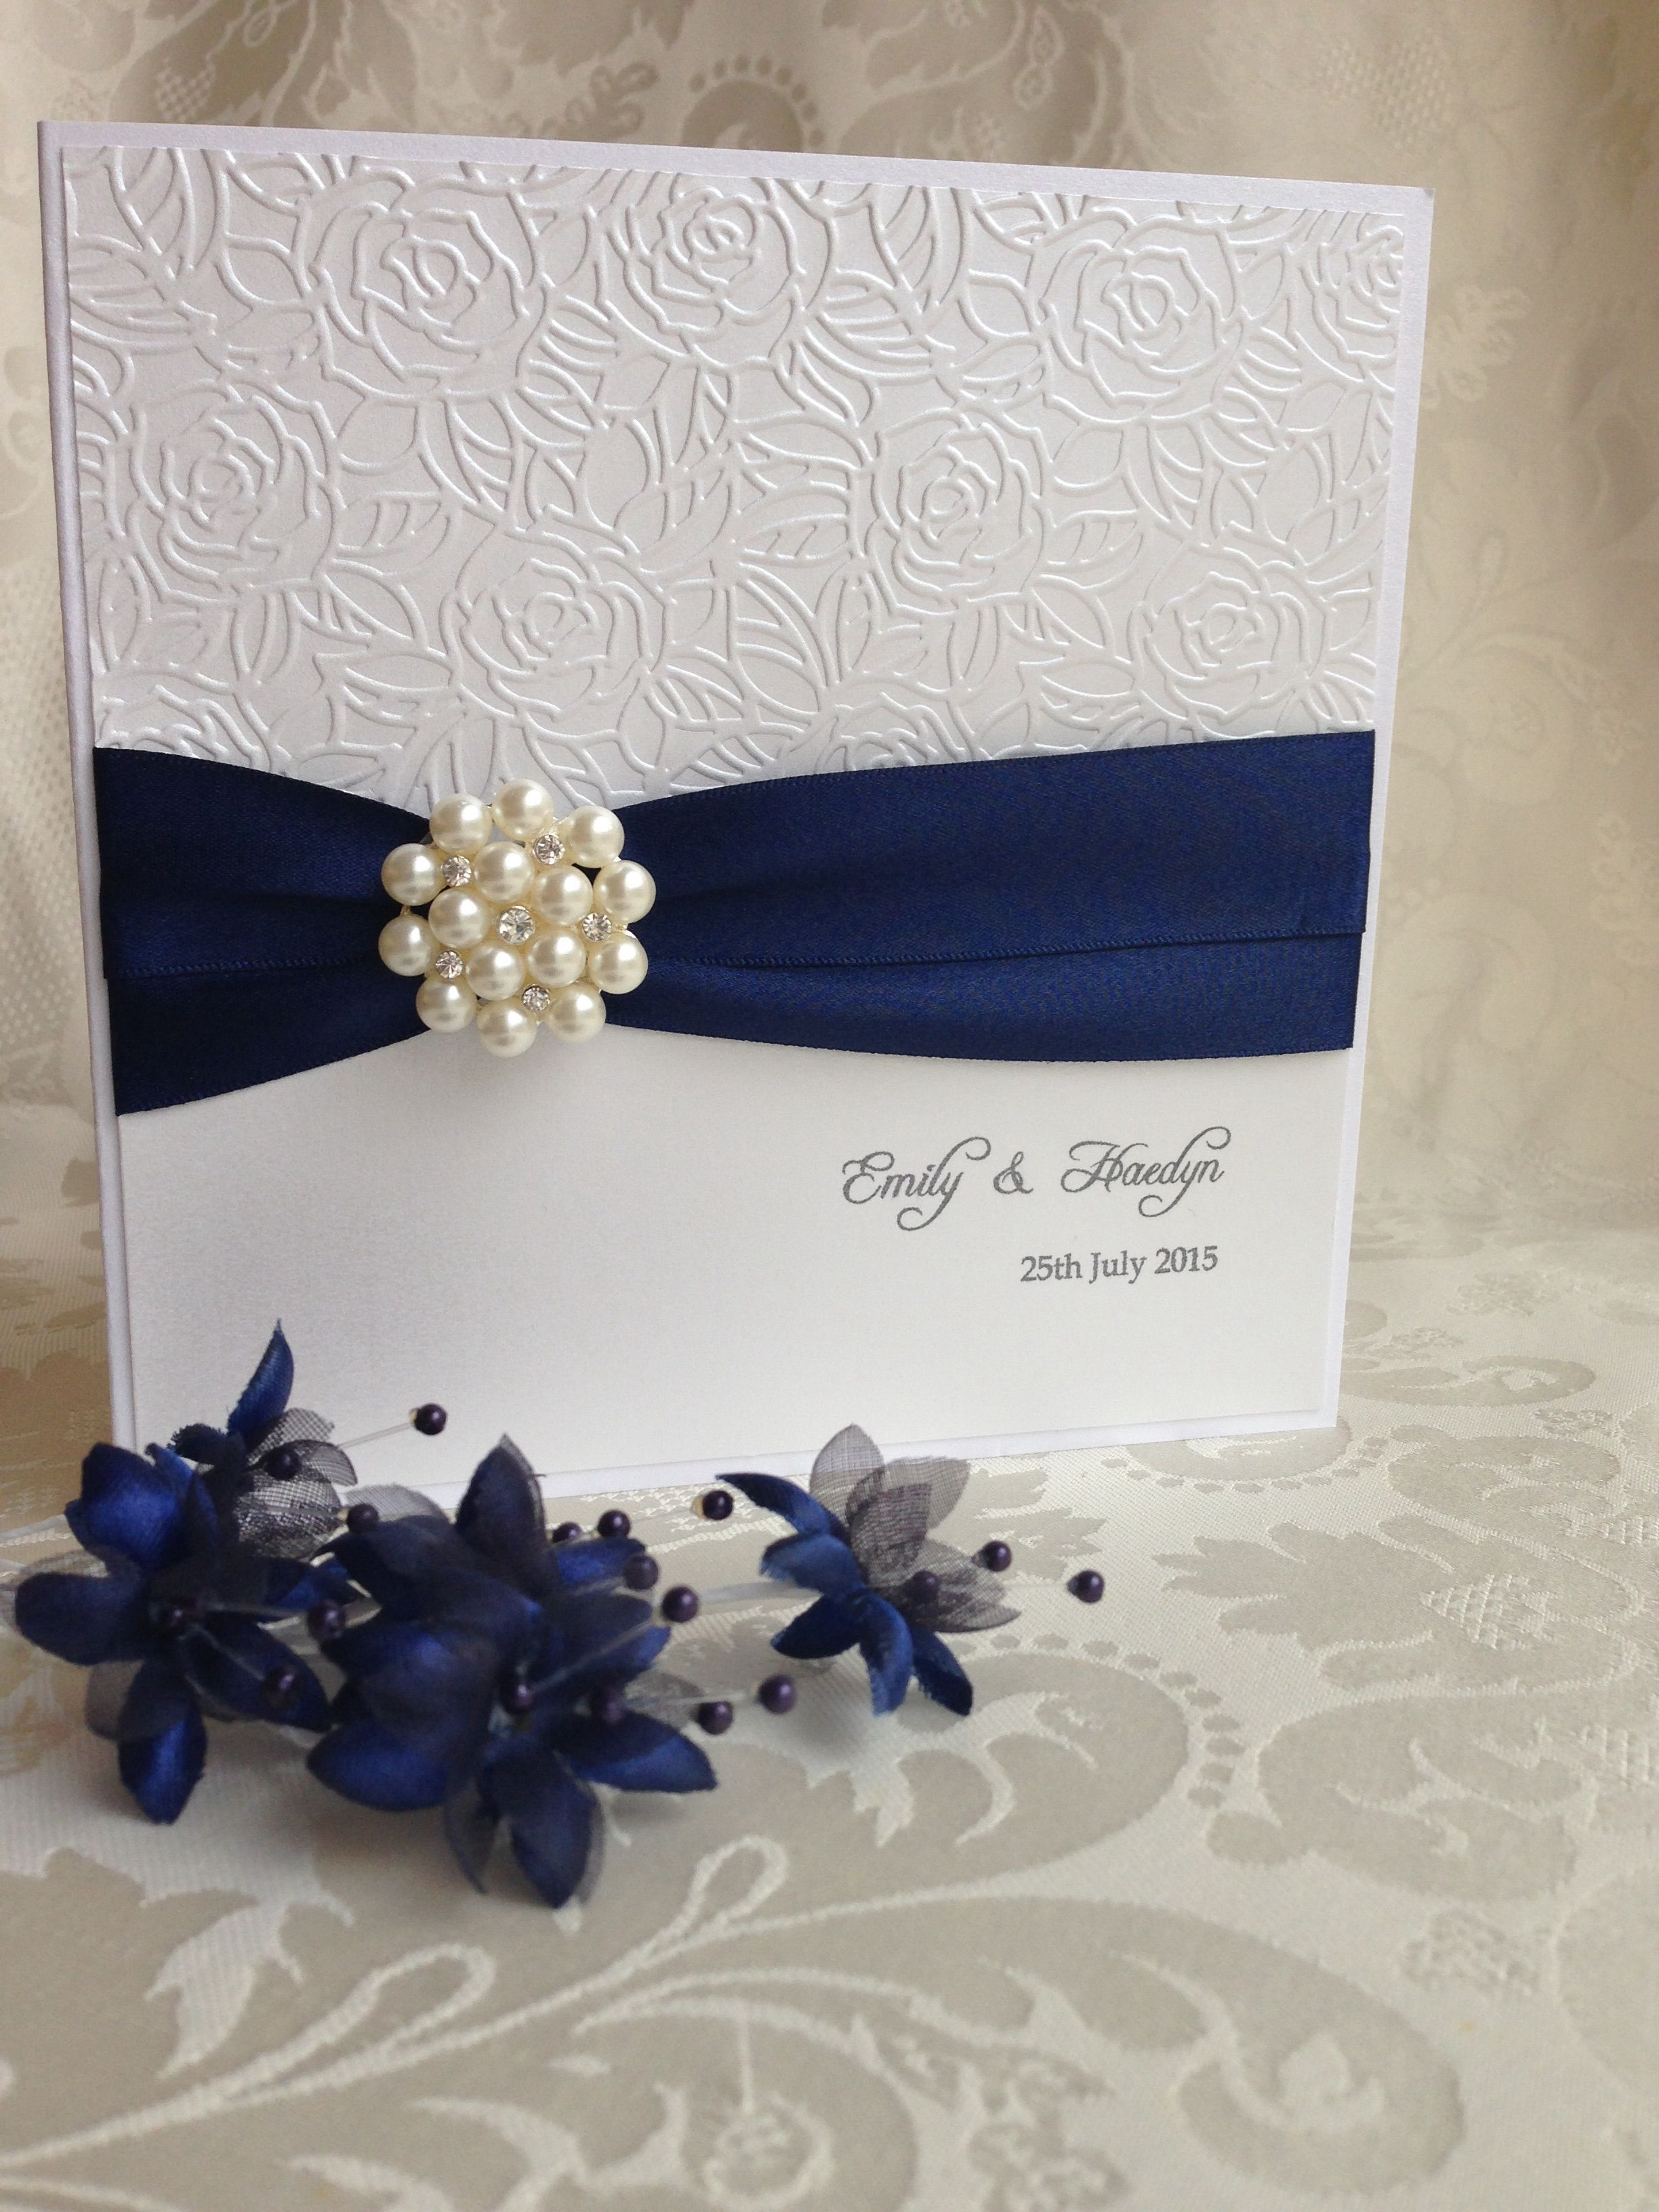 Invitaciones De Boda Originales Visita Mi Blog Para Ver Mas Http - Ver-invitaciones-de-boda